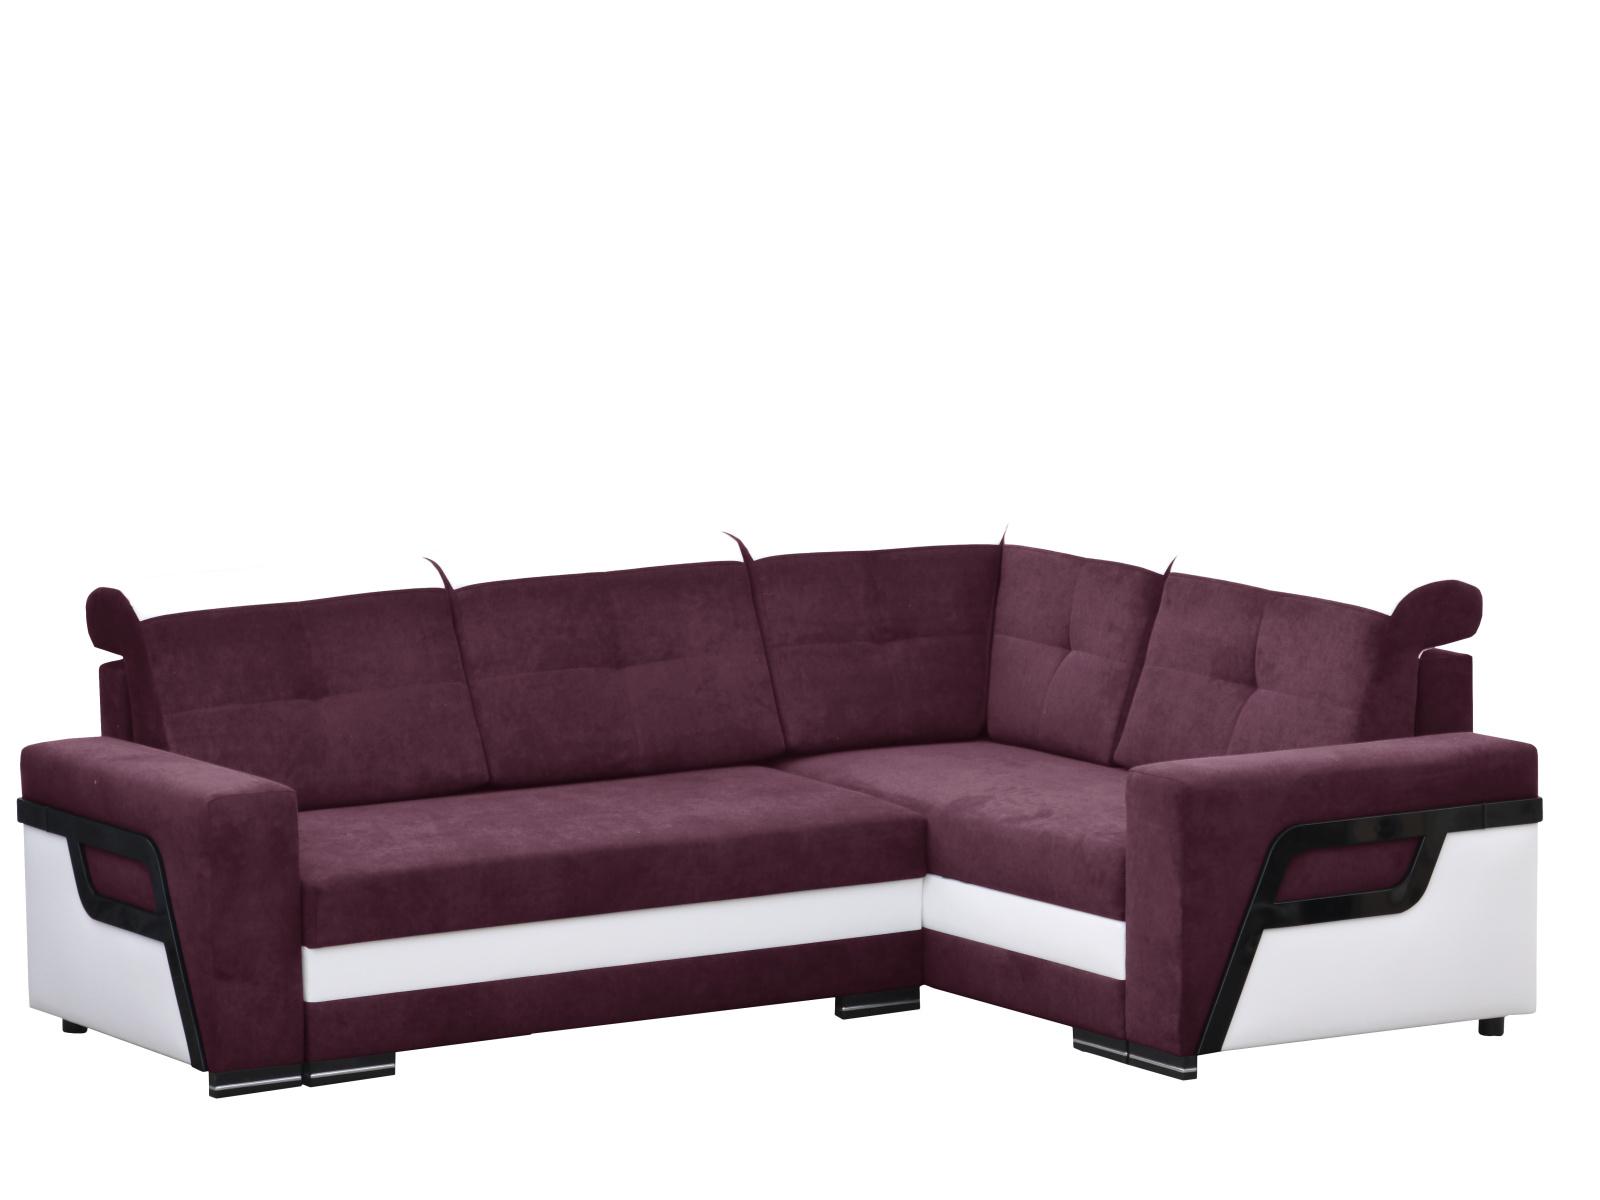 Smartshop Rozkládací rohová sedačka LOFT 3 pravá, fialová látka/bílá ekokůže